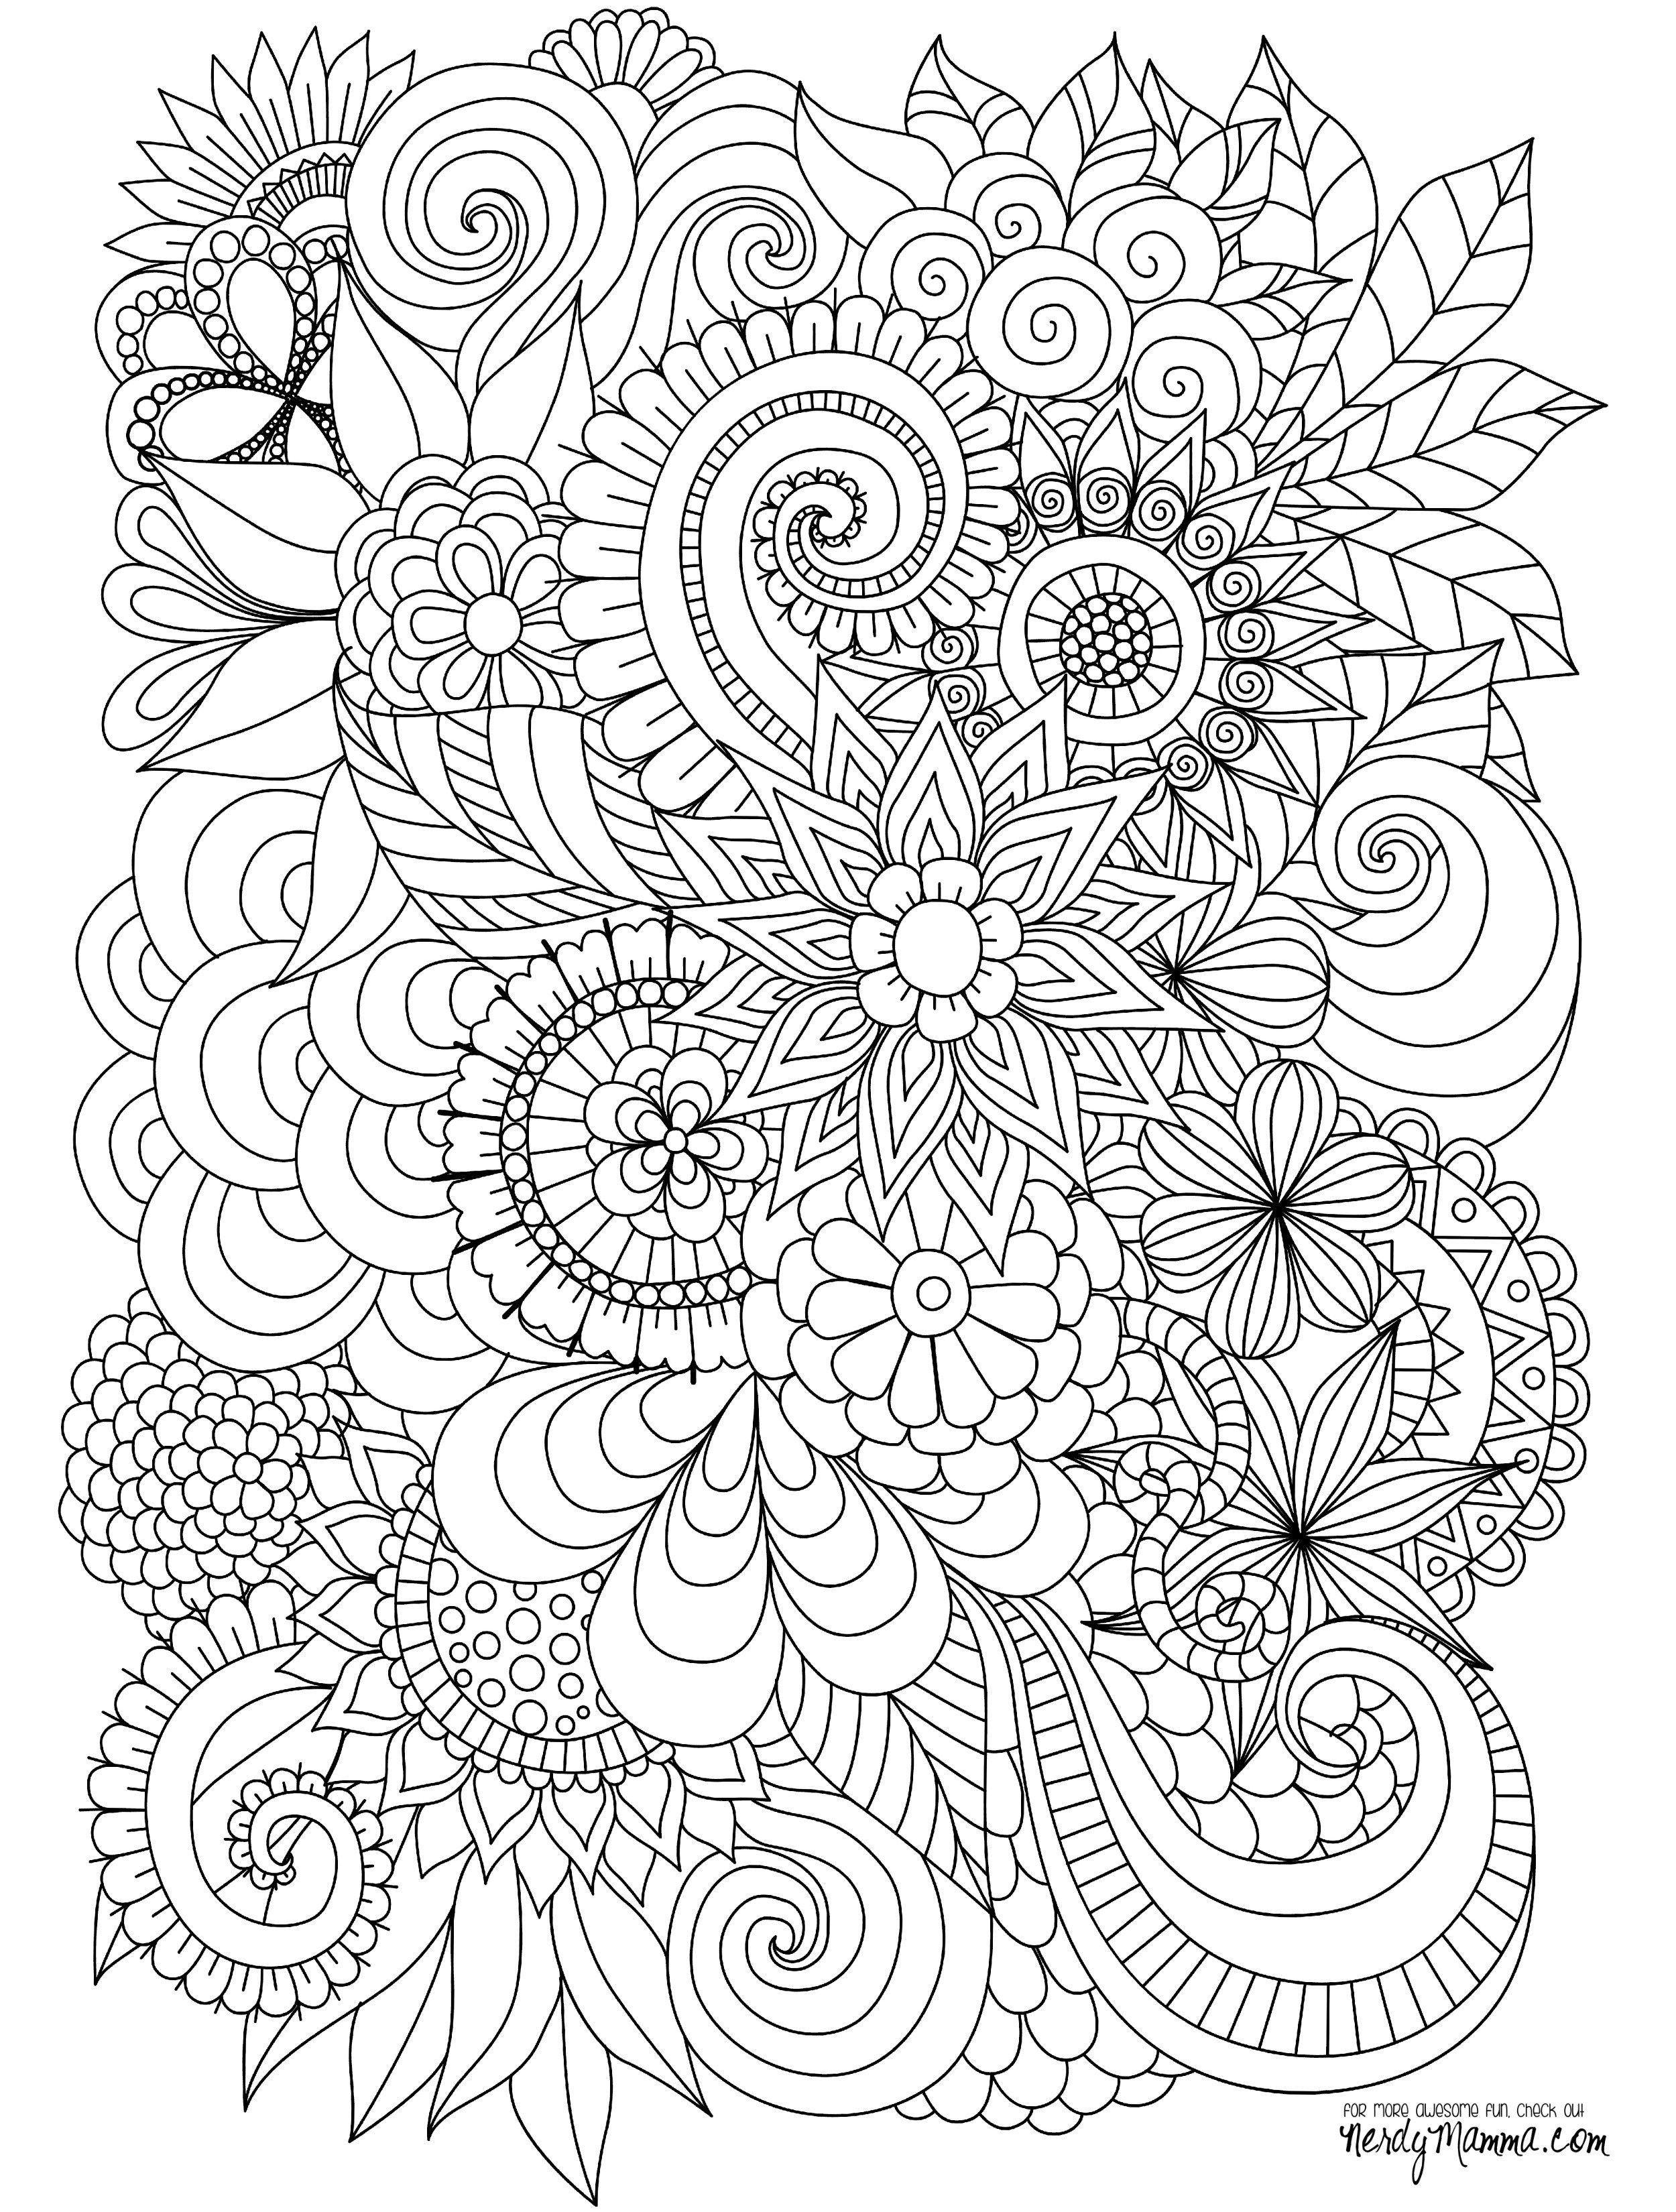 Épinglé sur Coloring Pages